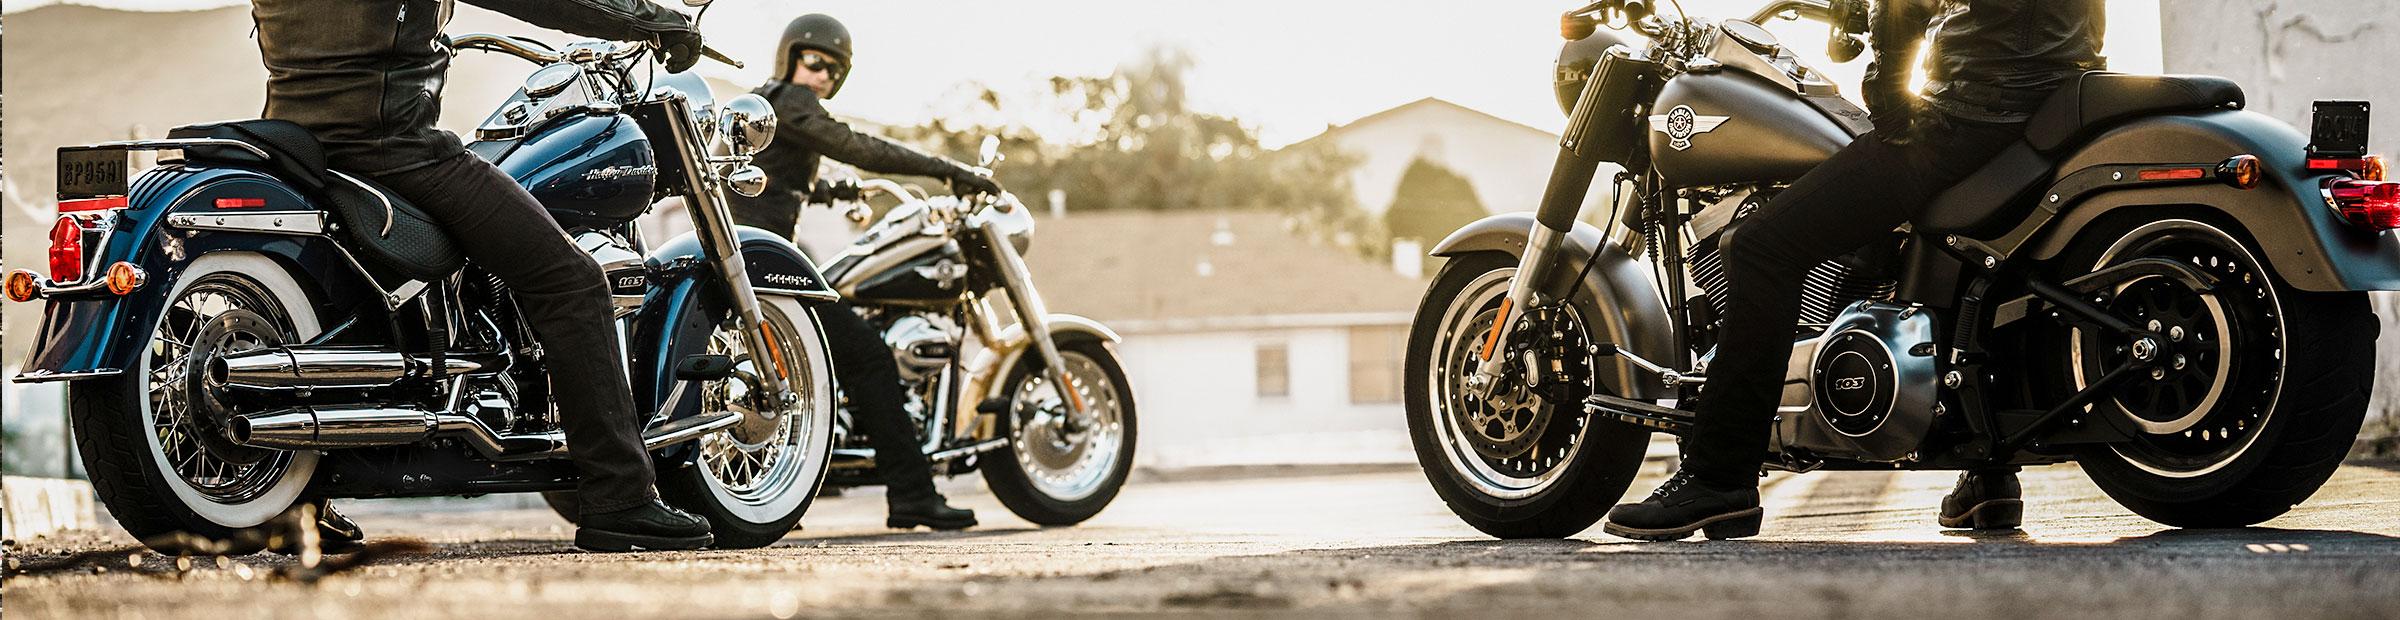 Moottoripyörät oulu